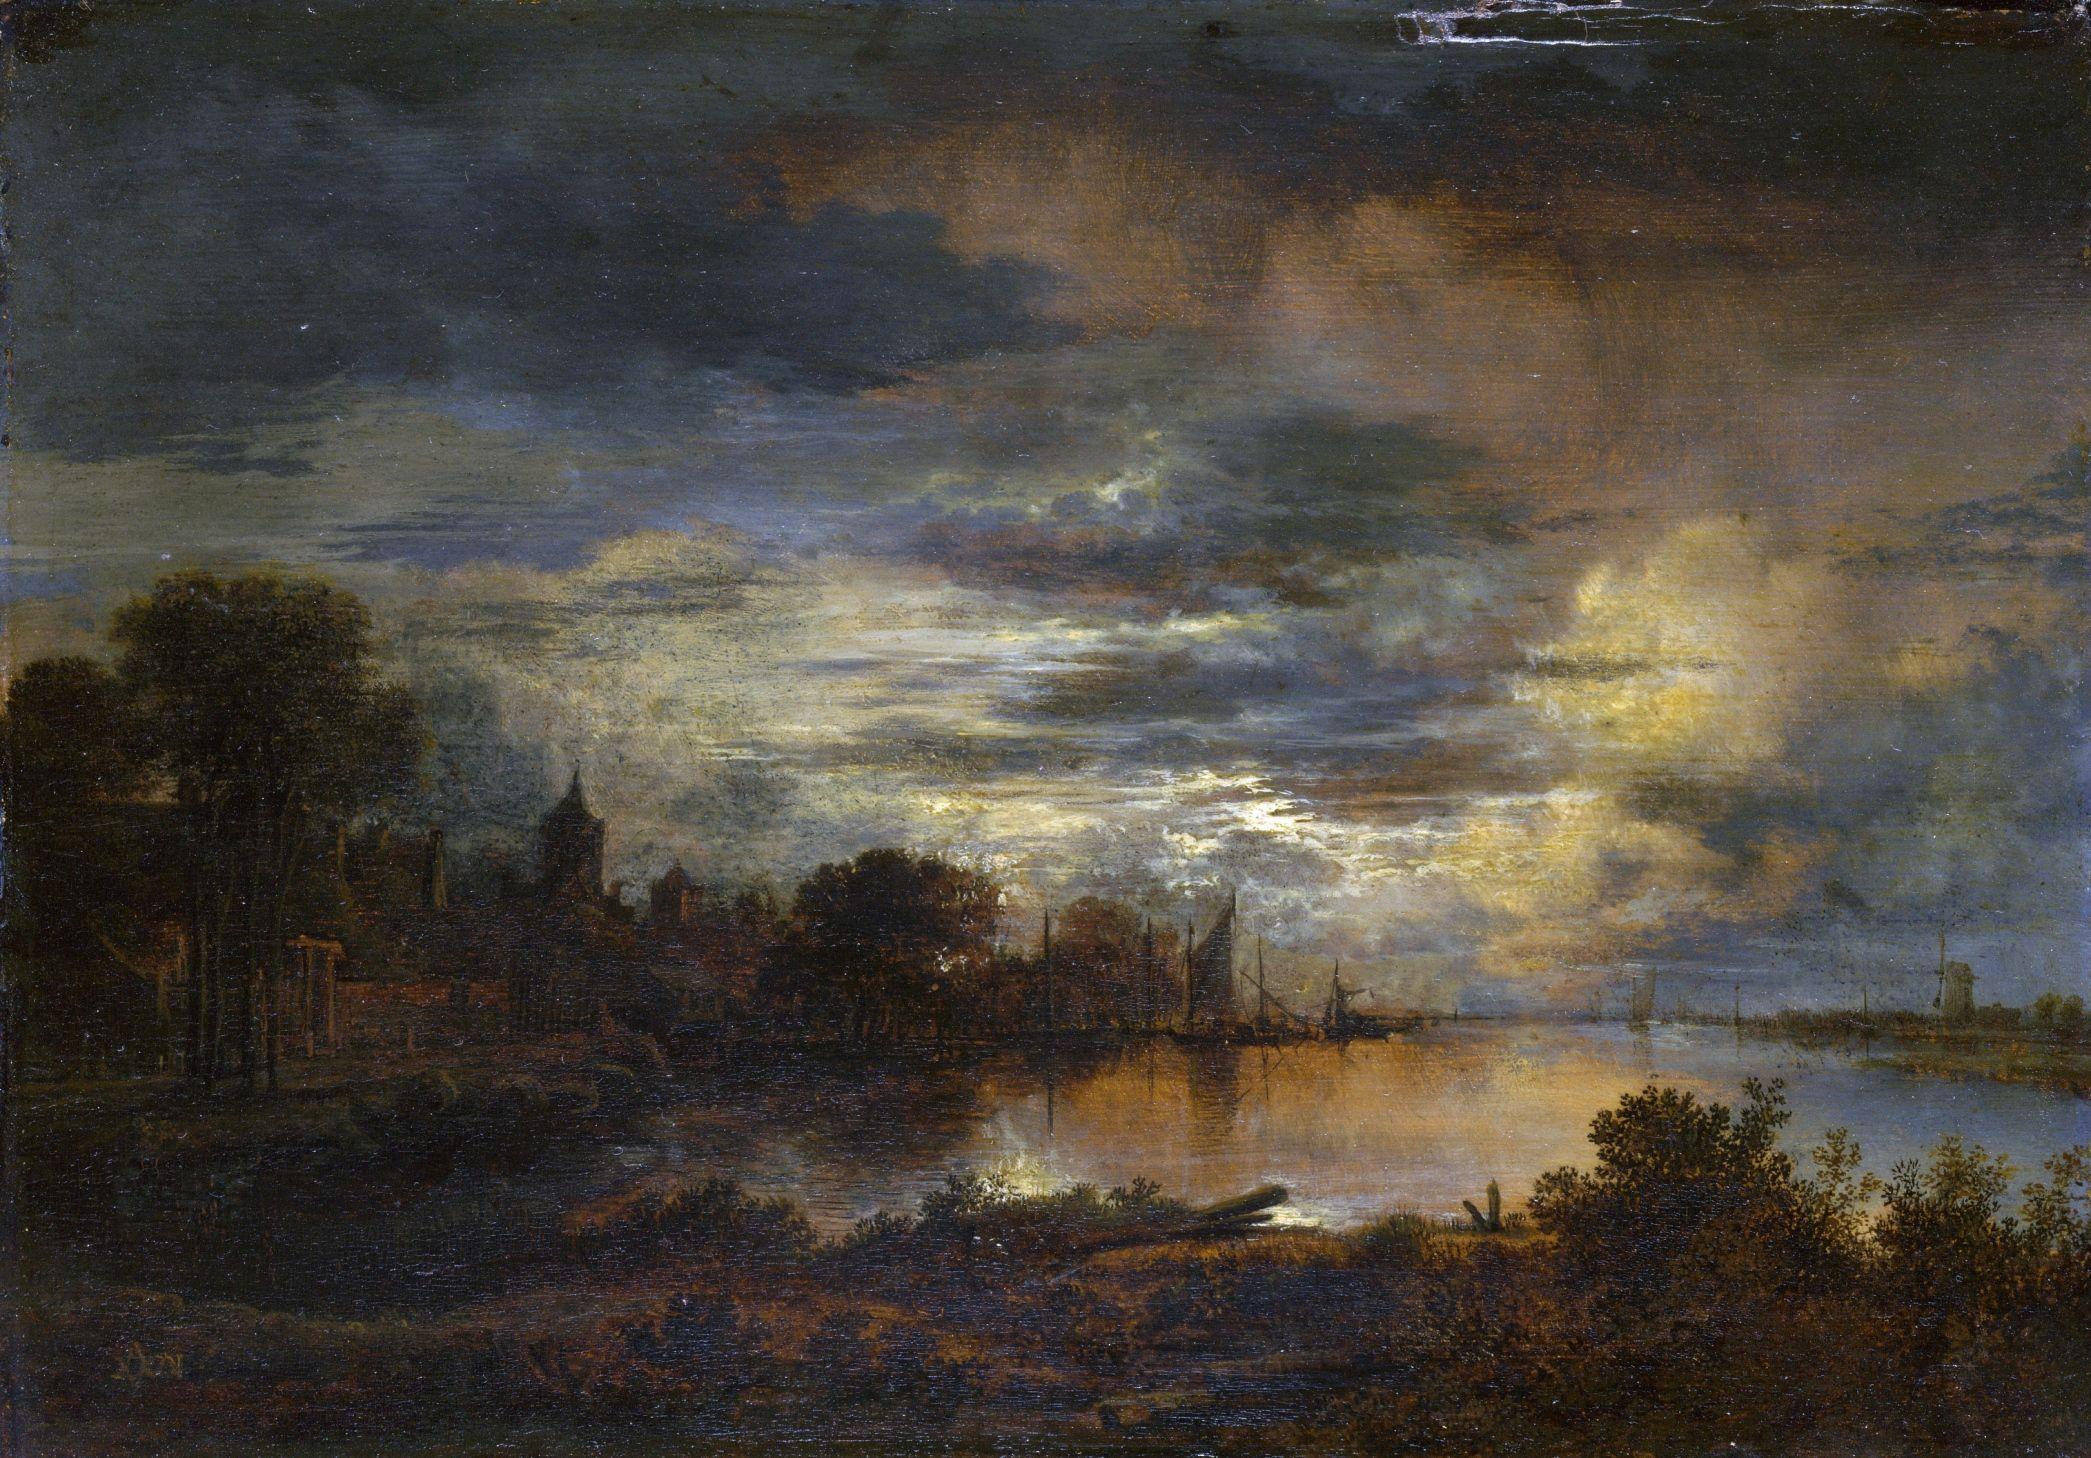 Aert van der Neer - Riviergezicht met dorp bij avond (1645)